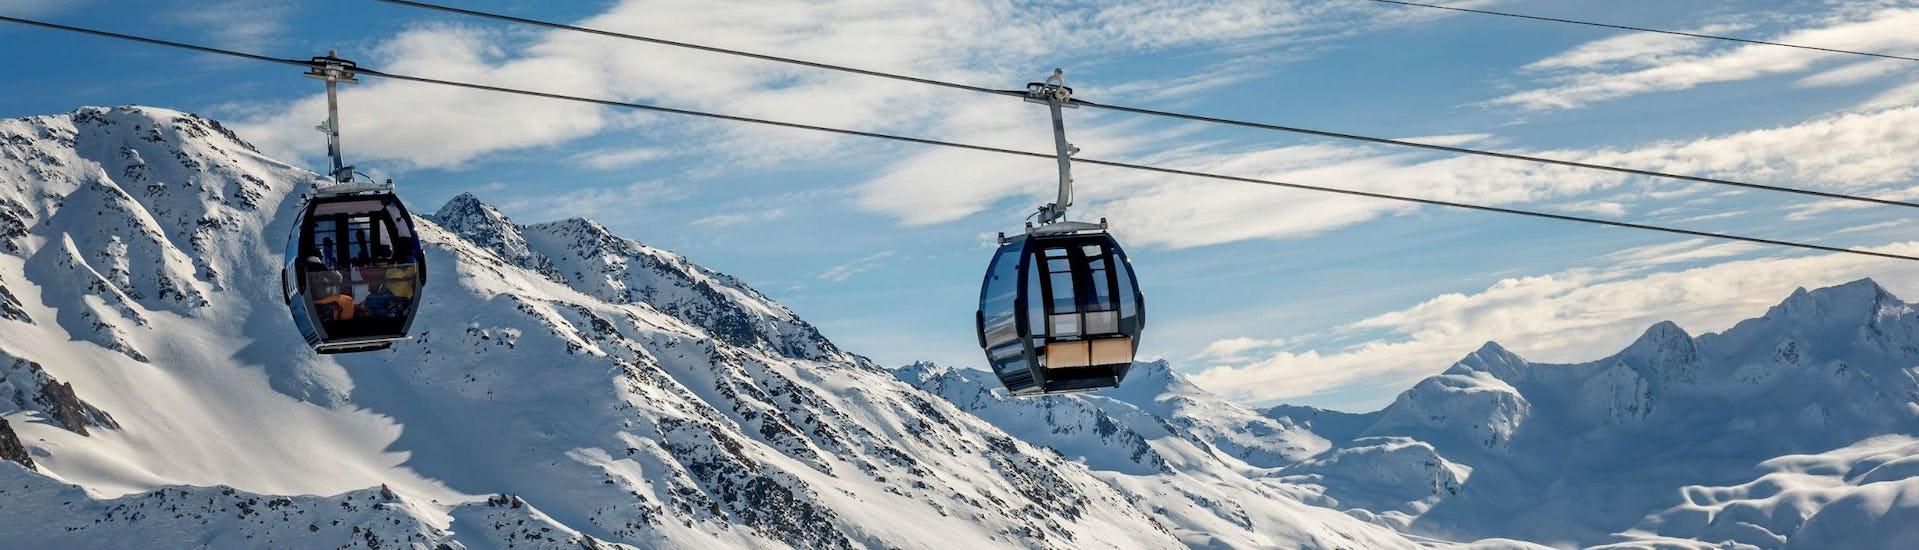 Ein Blick auf eine Gondelbahn im Skigebiet Andermatt, wo örtliche Skischulen eine Reihe an Skikursen anbietet.